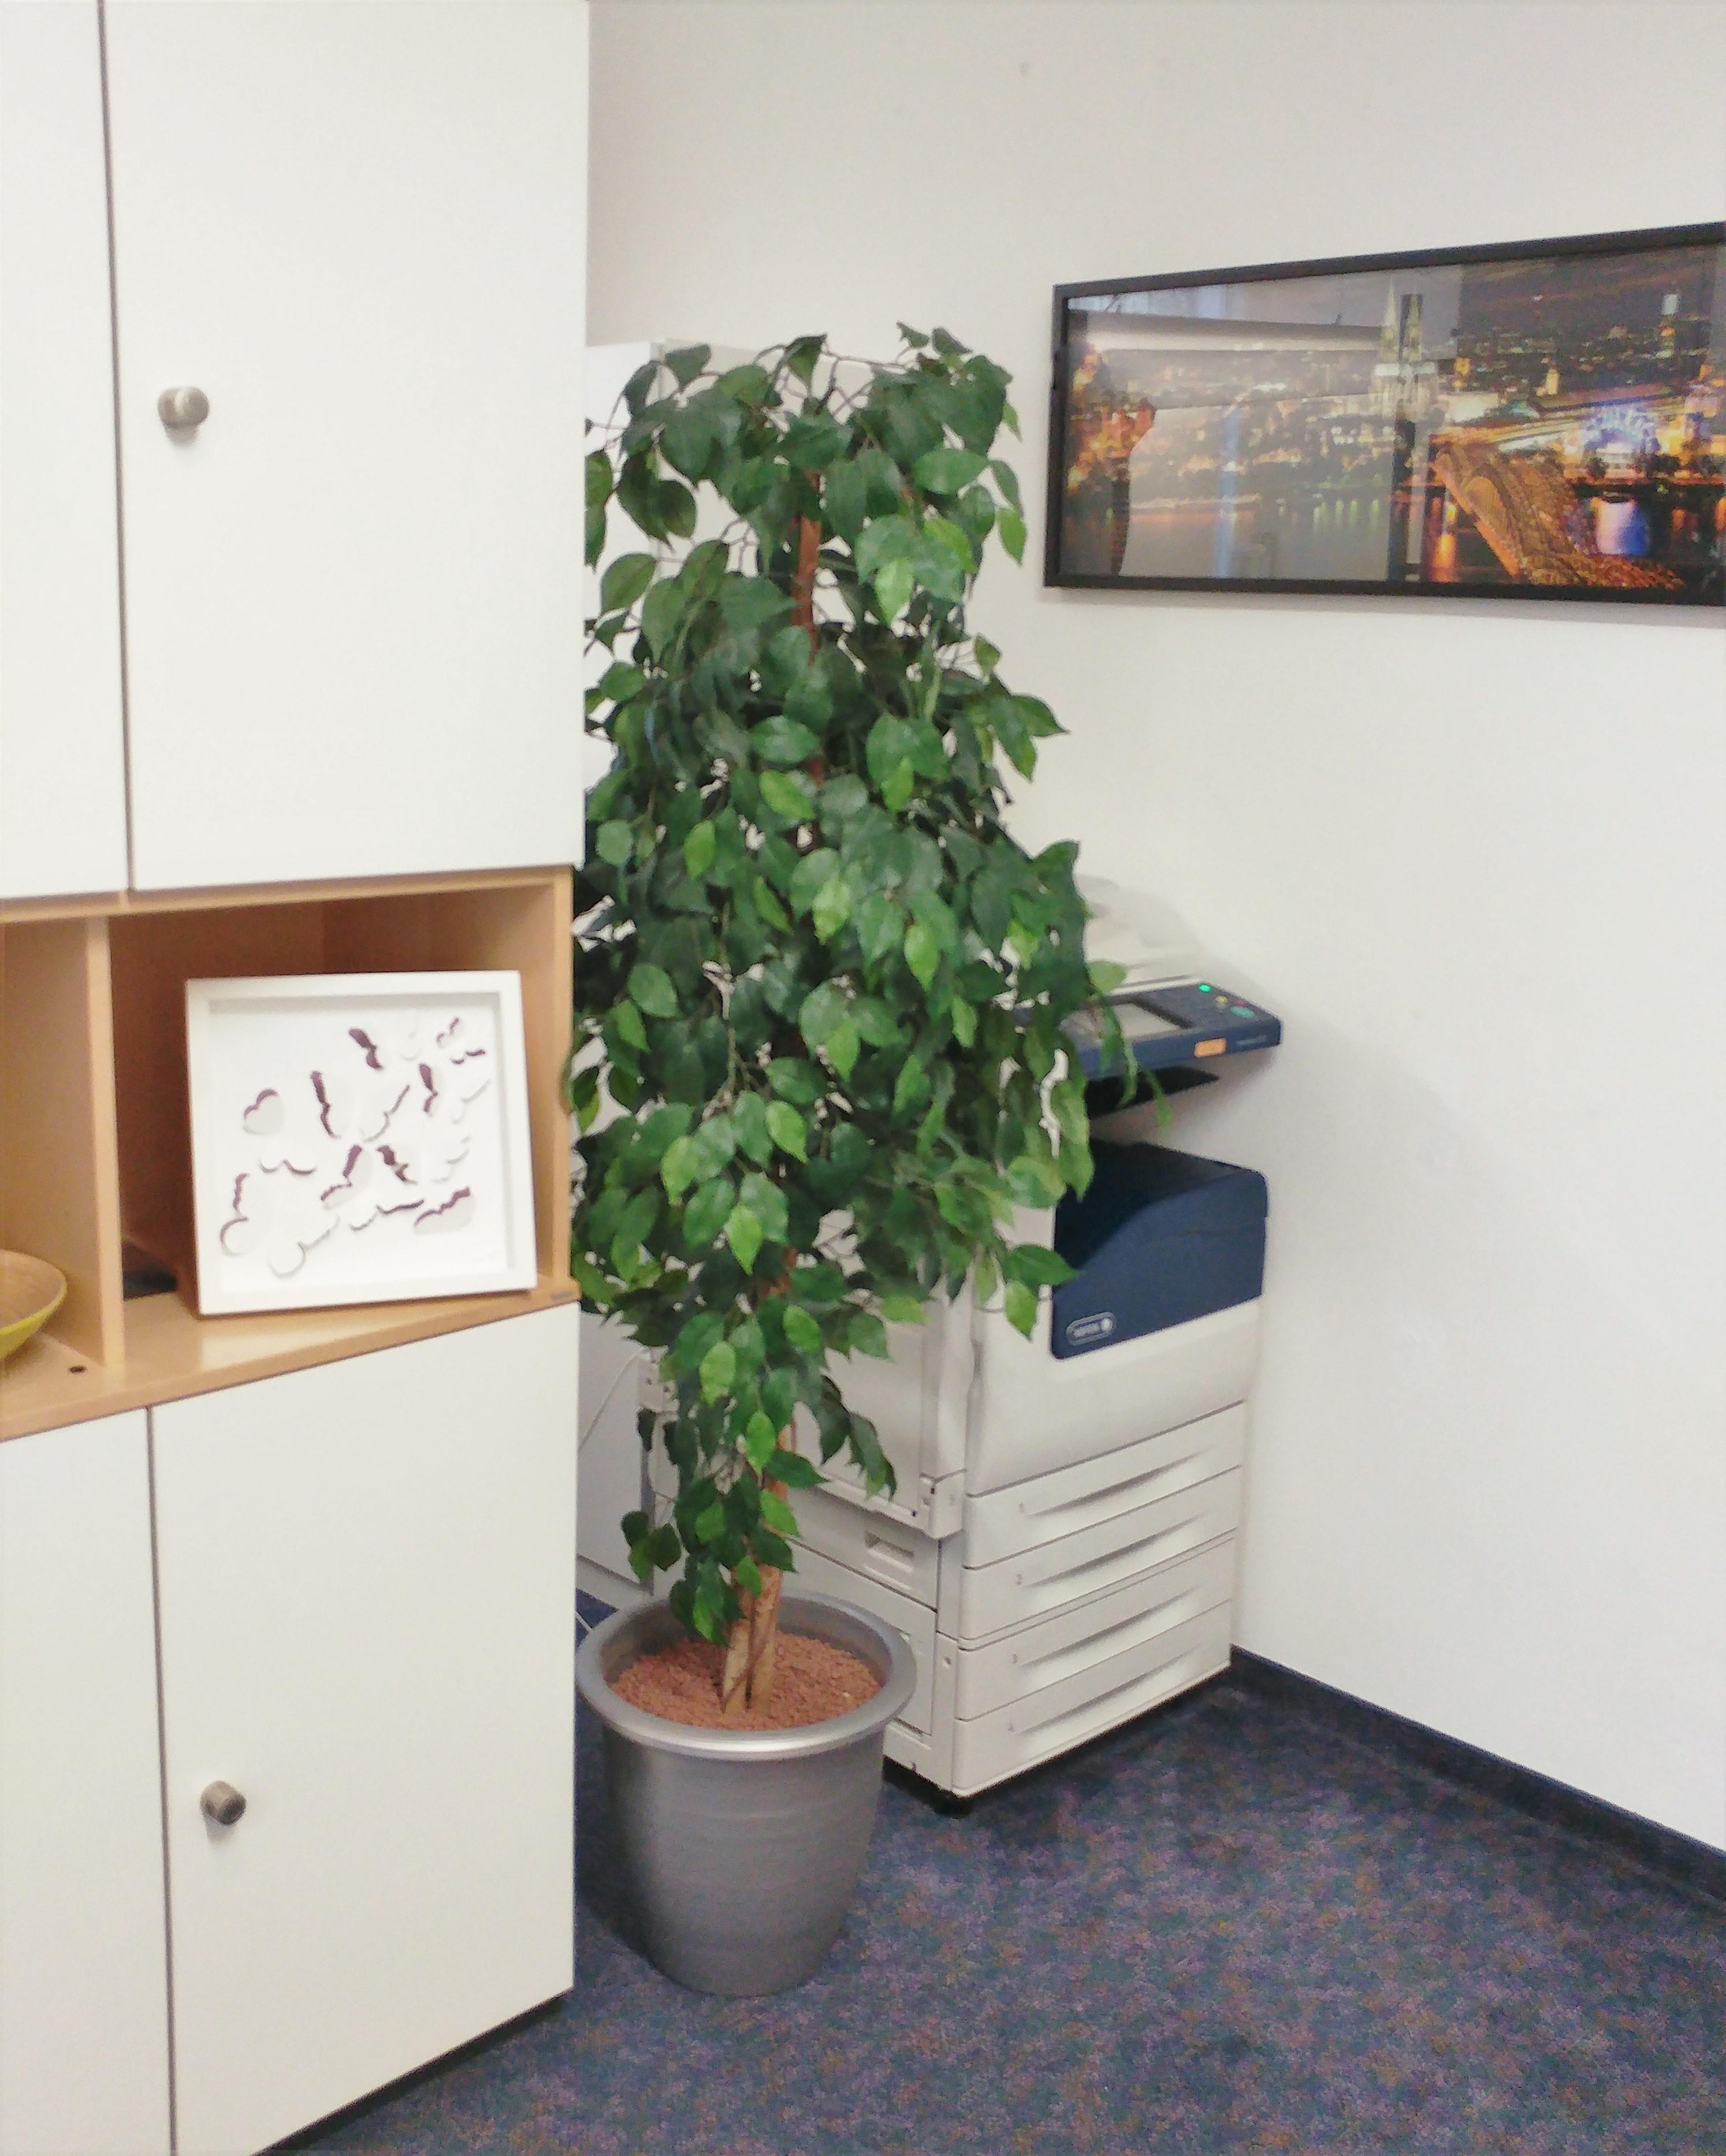 Kunstpflanzen Im Büro So Setzen Sie Kunstpflanzen Im Büro Ein